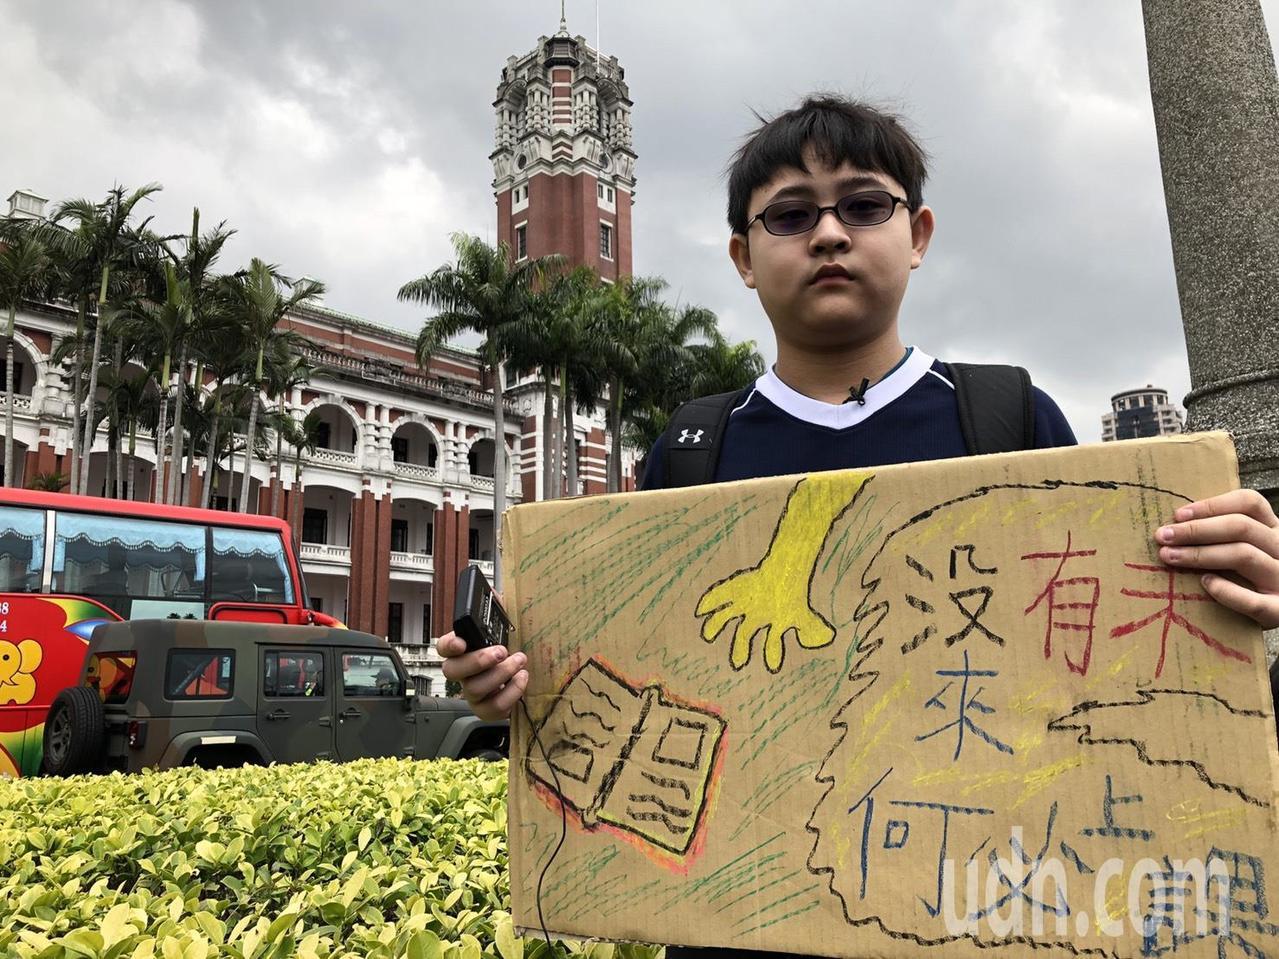 台中明道普霖斯頓小學六年級生楊子慶,今早與家人從彰化北上,直奔總統府前靜坐抗議。...